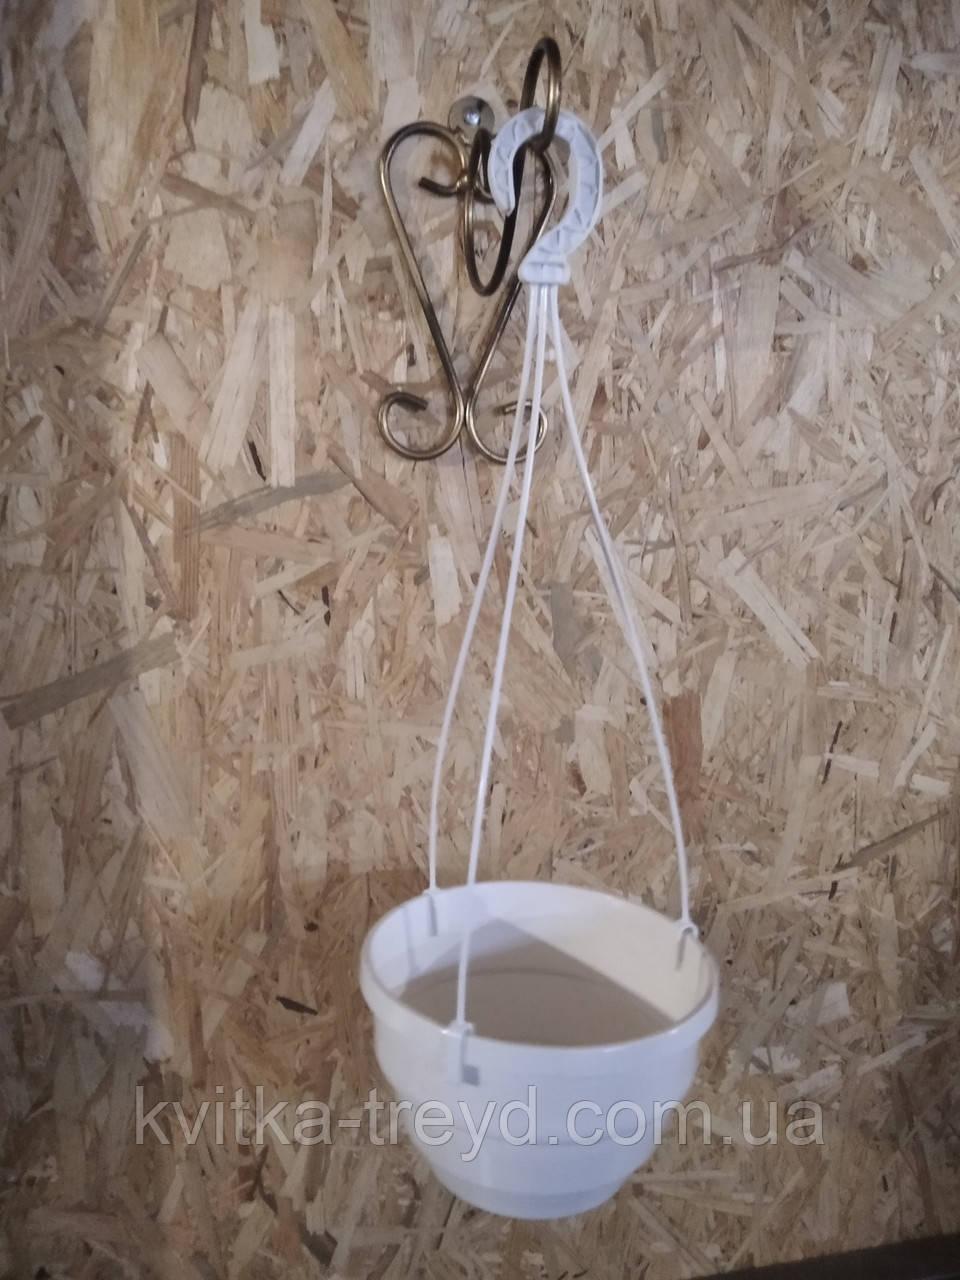 Підвісний квітковий горщик WD-20 (2,9 л)